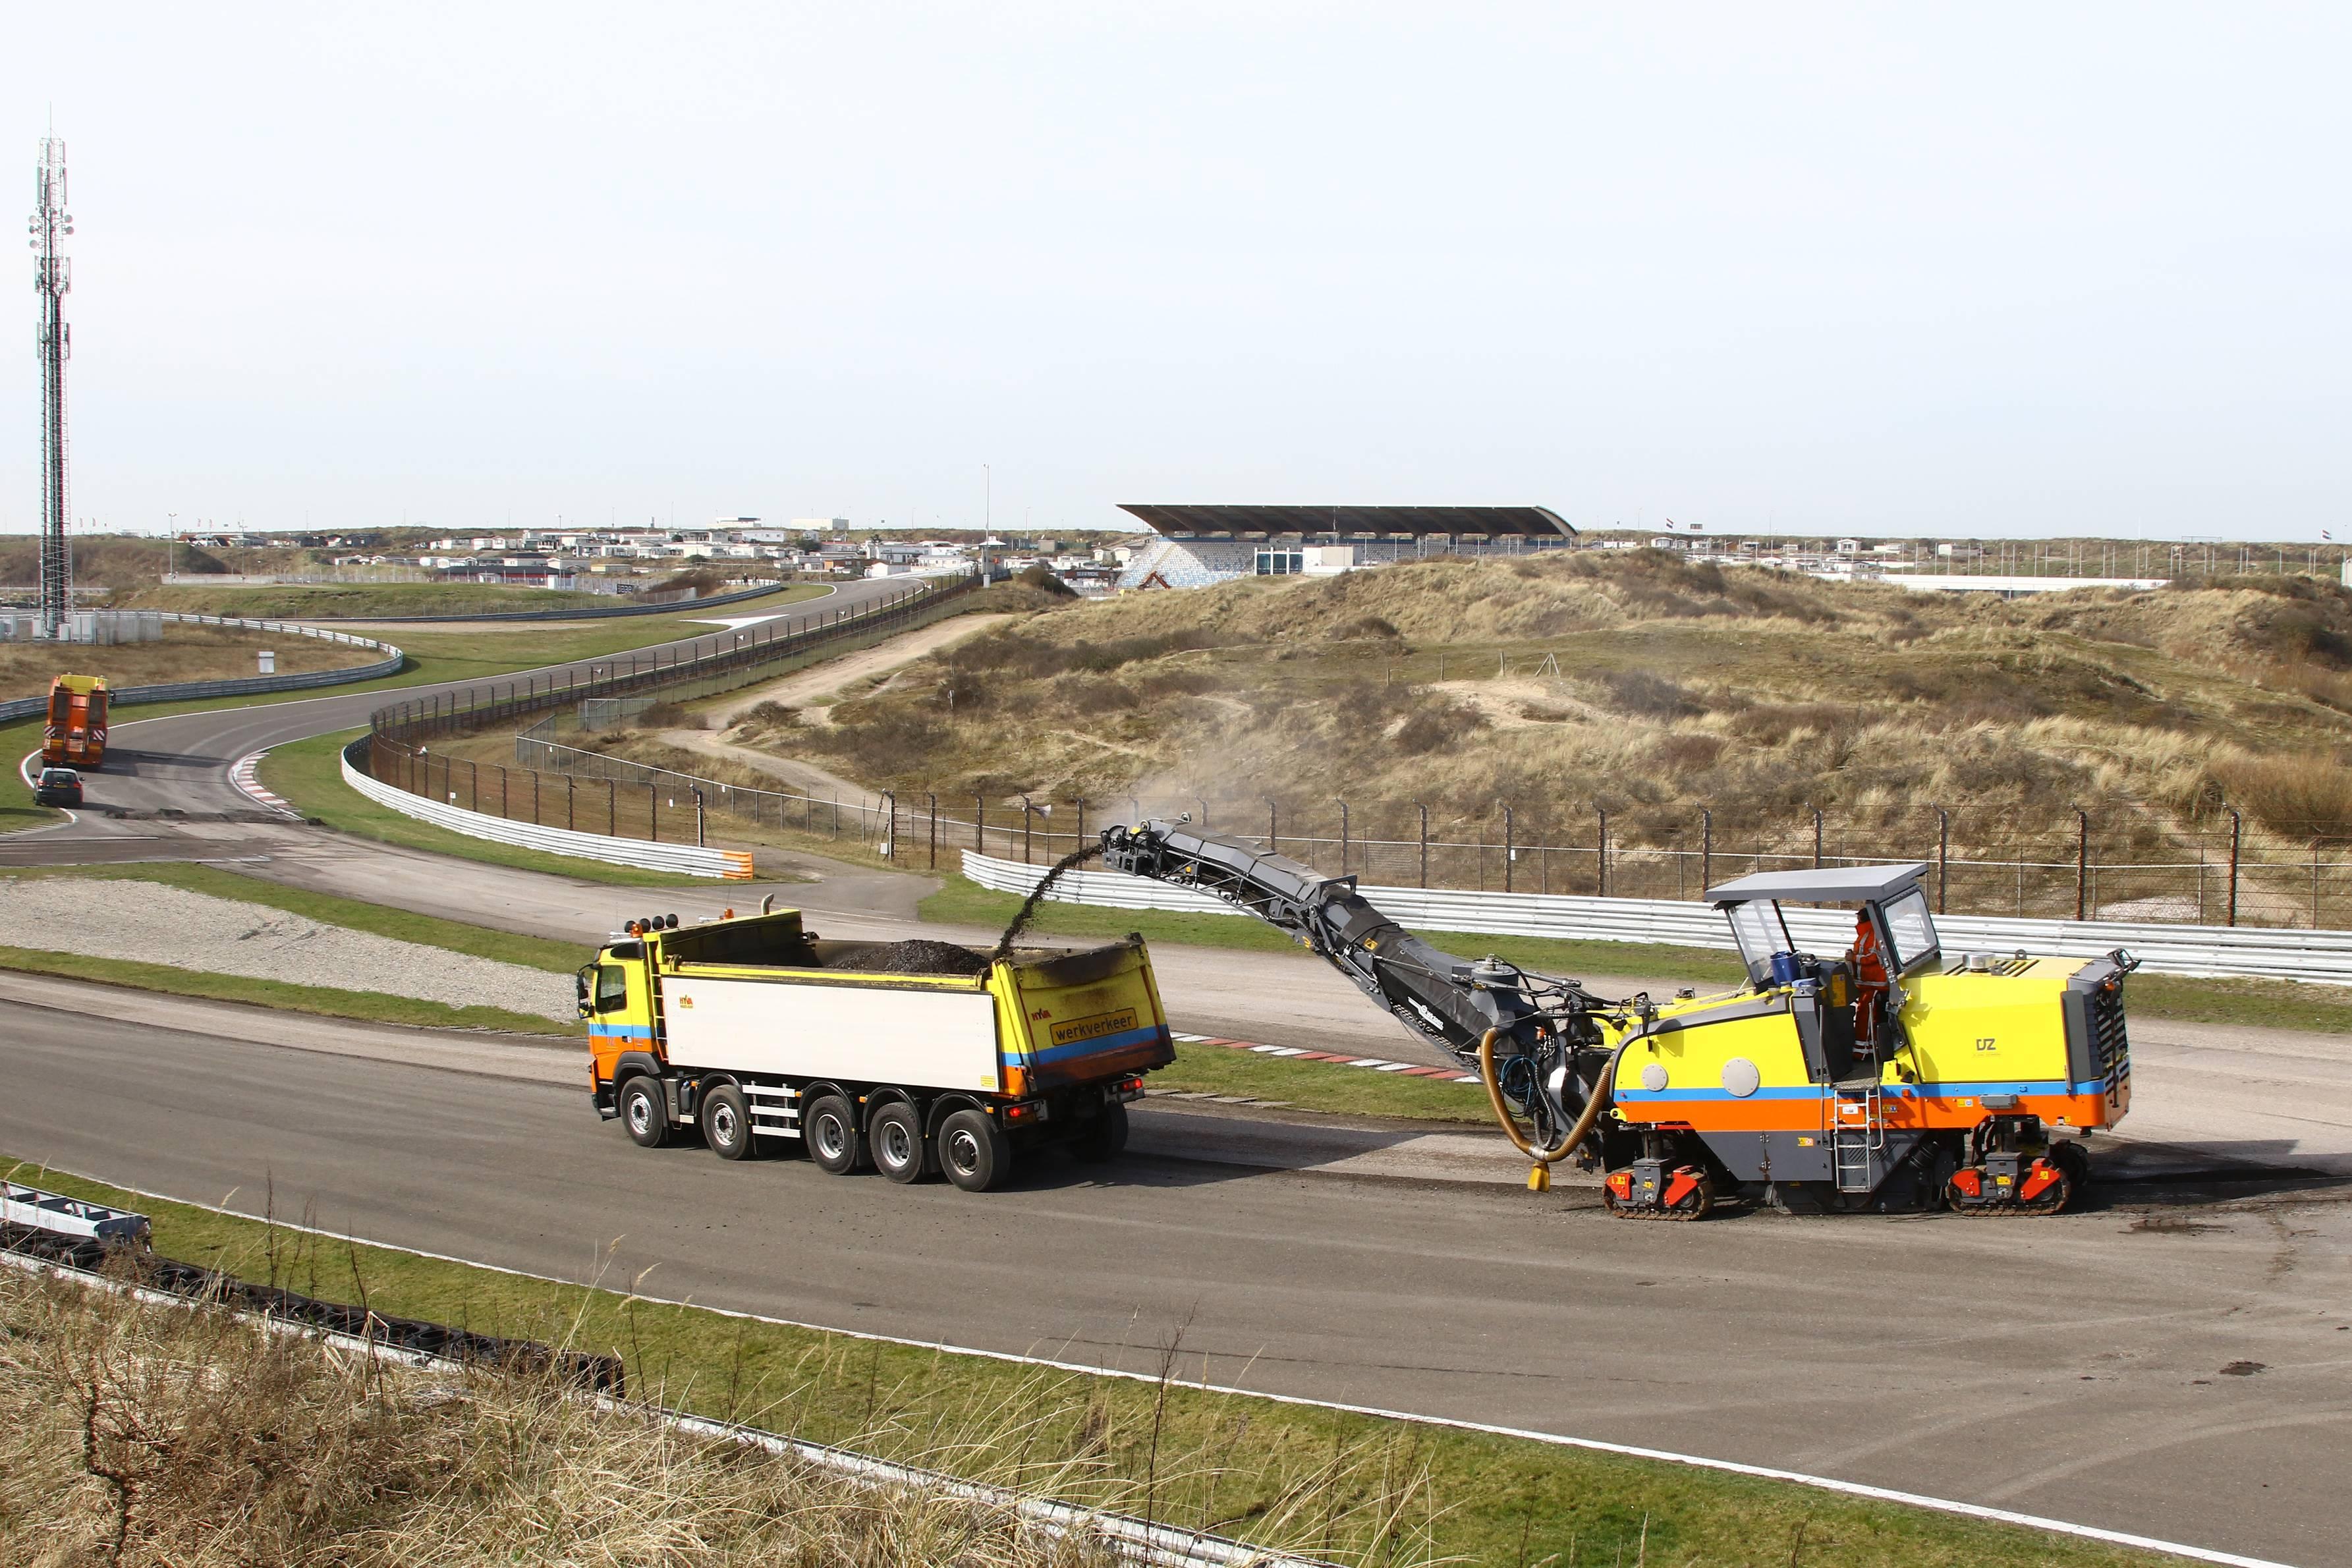 Monsteroperatie op Circuit Park Zandvoort: raceoppervlakte en paddock opnieuw geasfalteerd